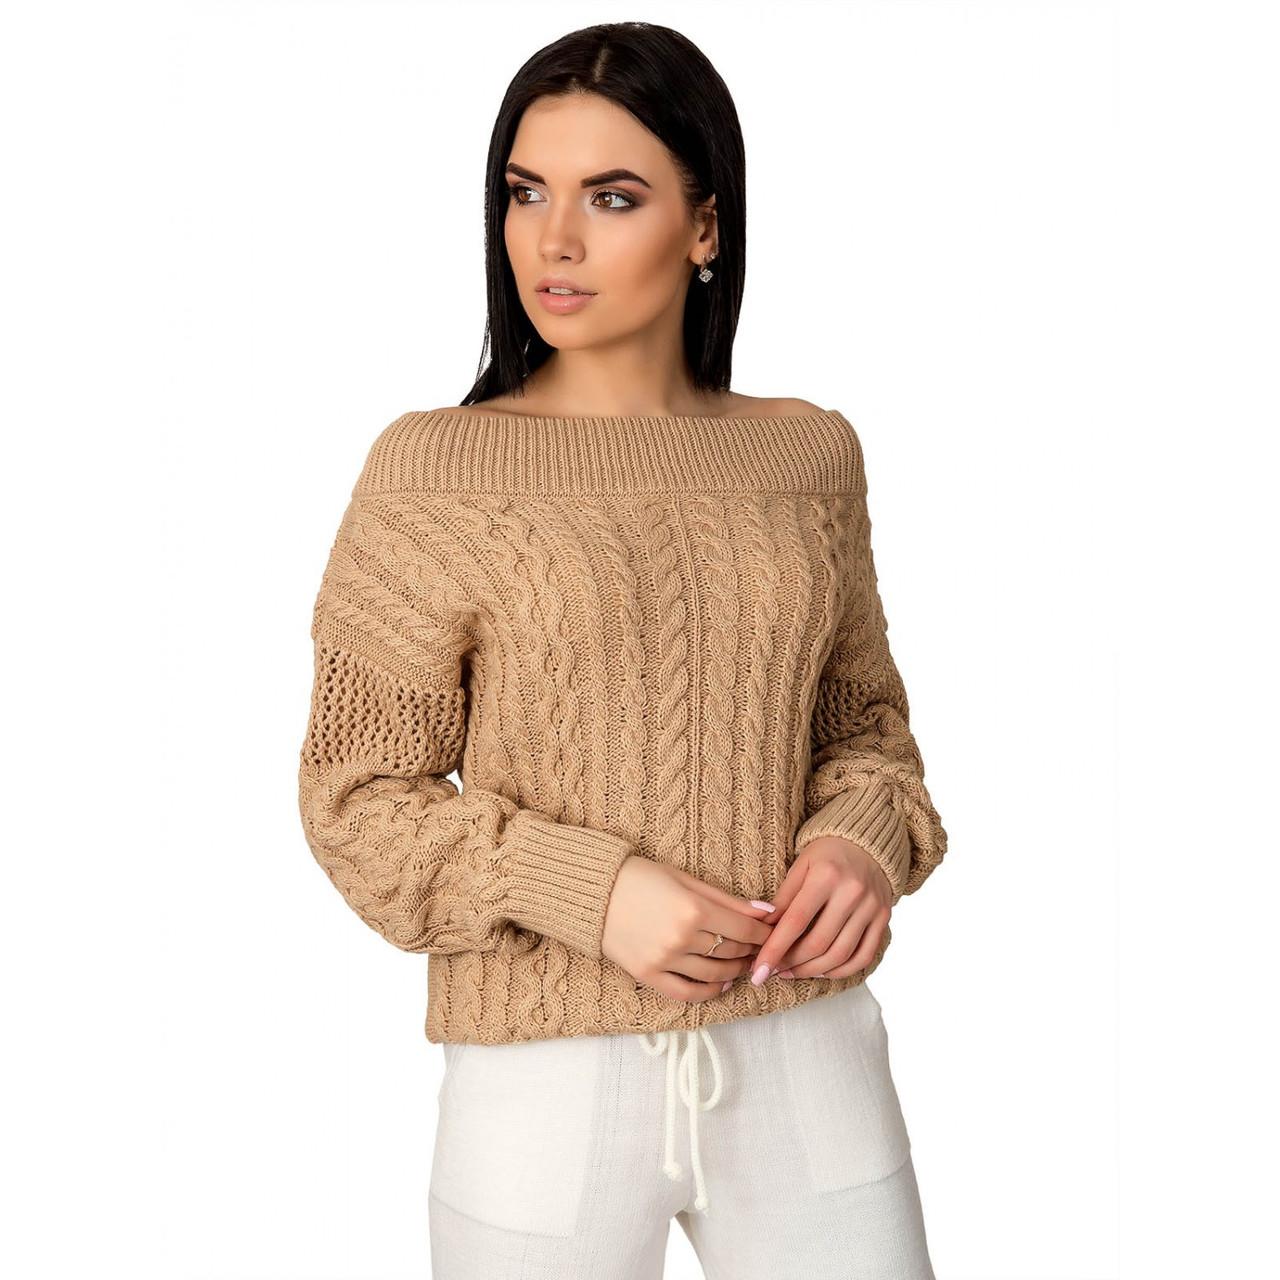 Вязаный женский свитер Фиби-1 из шерсти и акрила